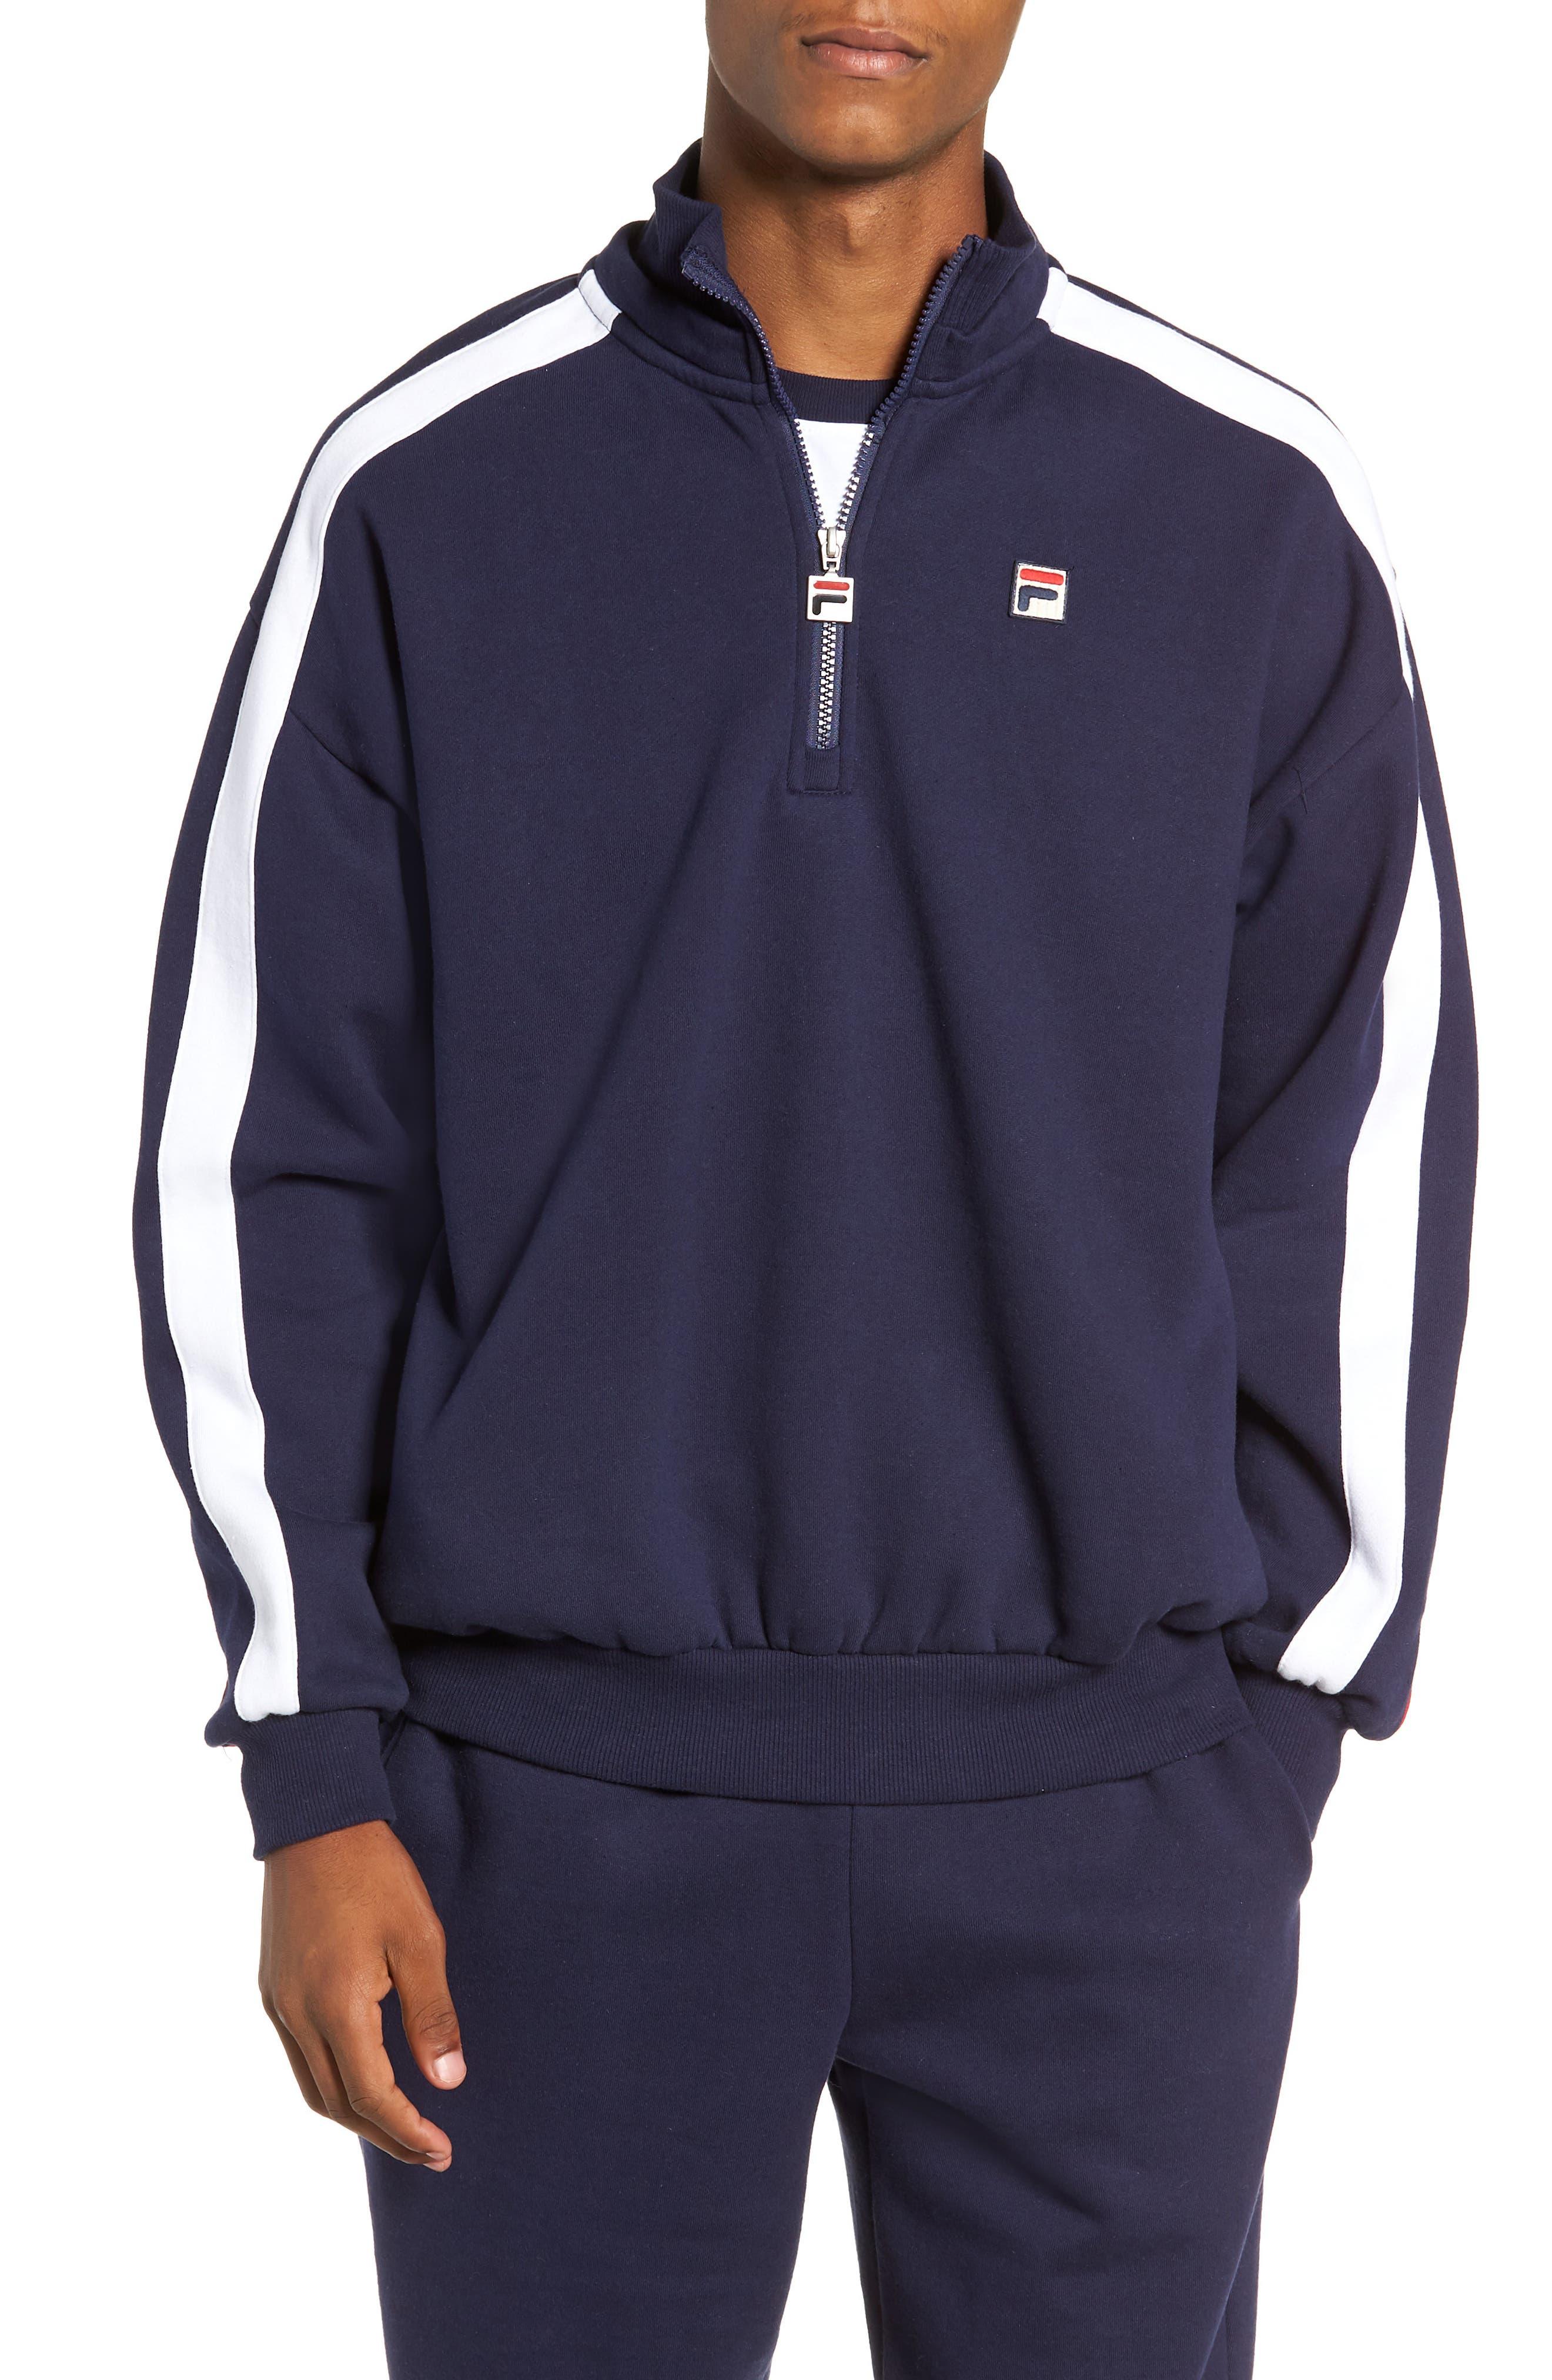 Quarter Zip Sweatshirt,                         Main,                         color, PEACOAT/ WHITE/ CHINESE RED